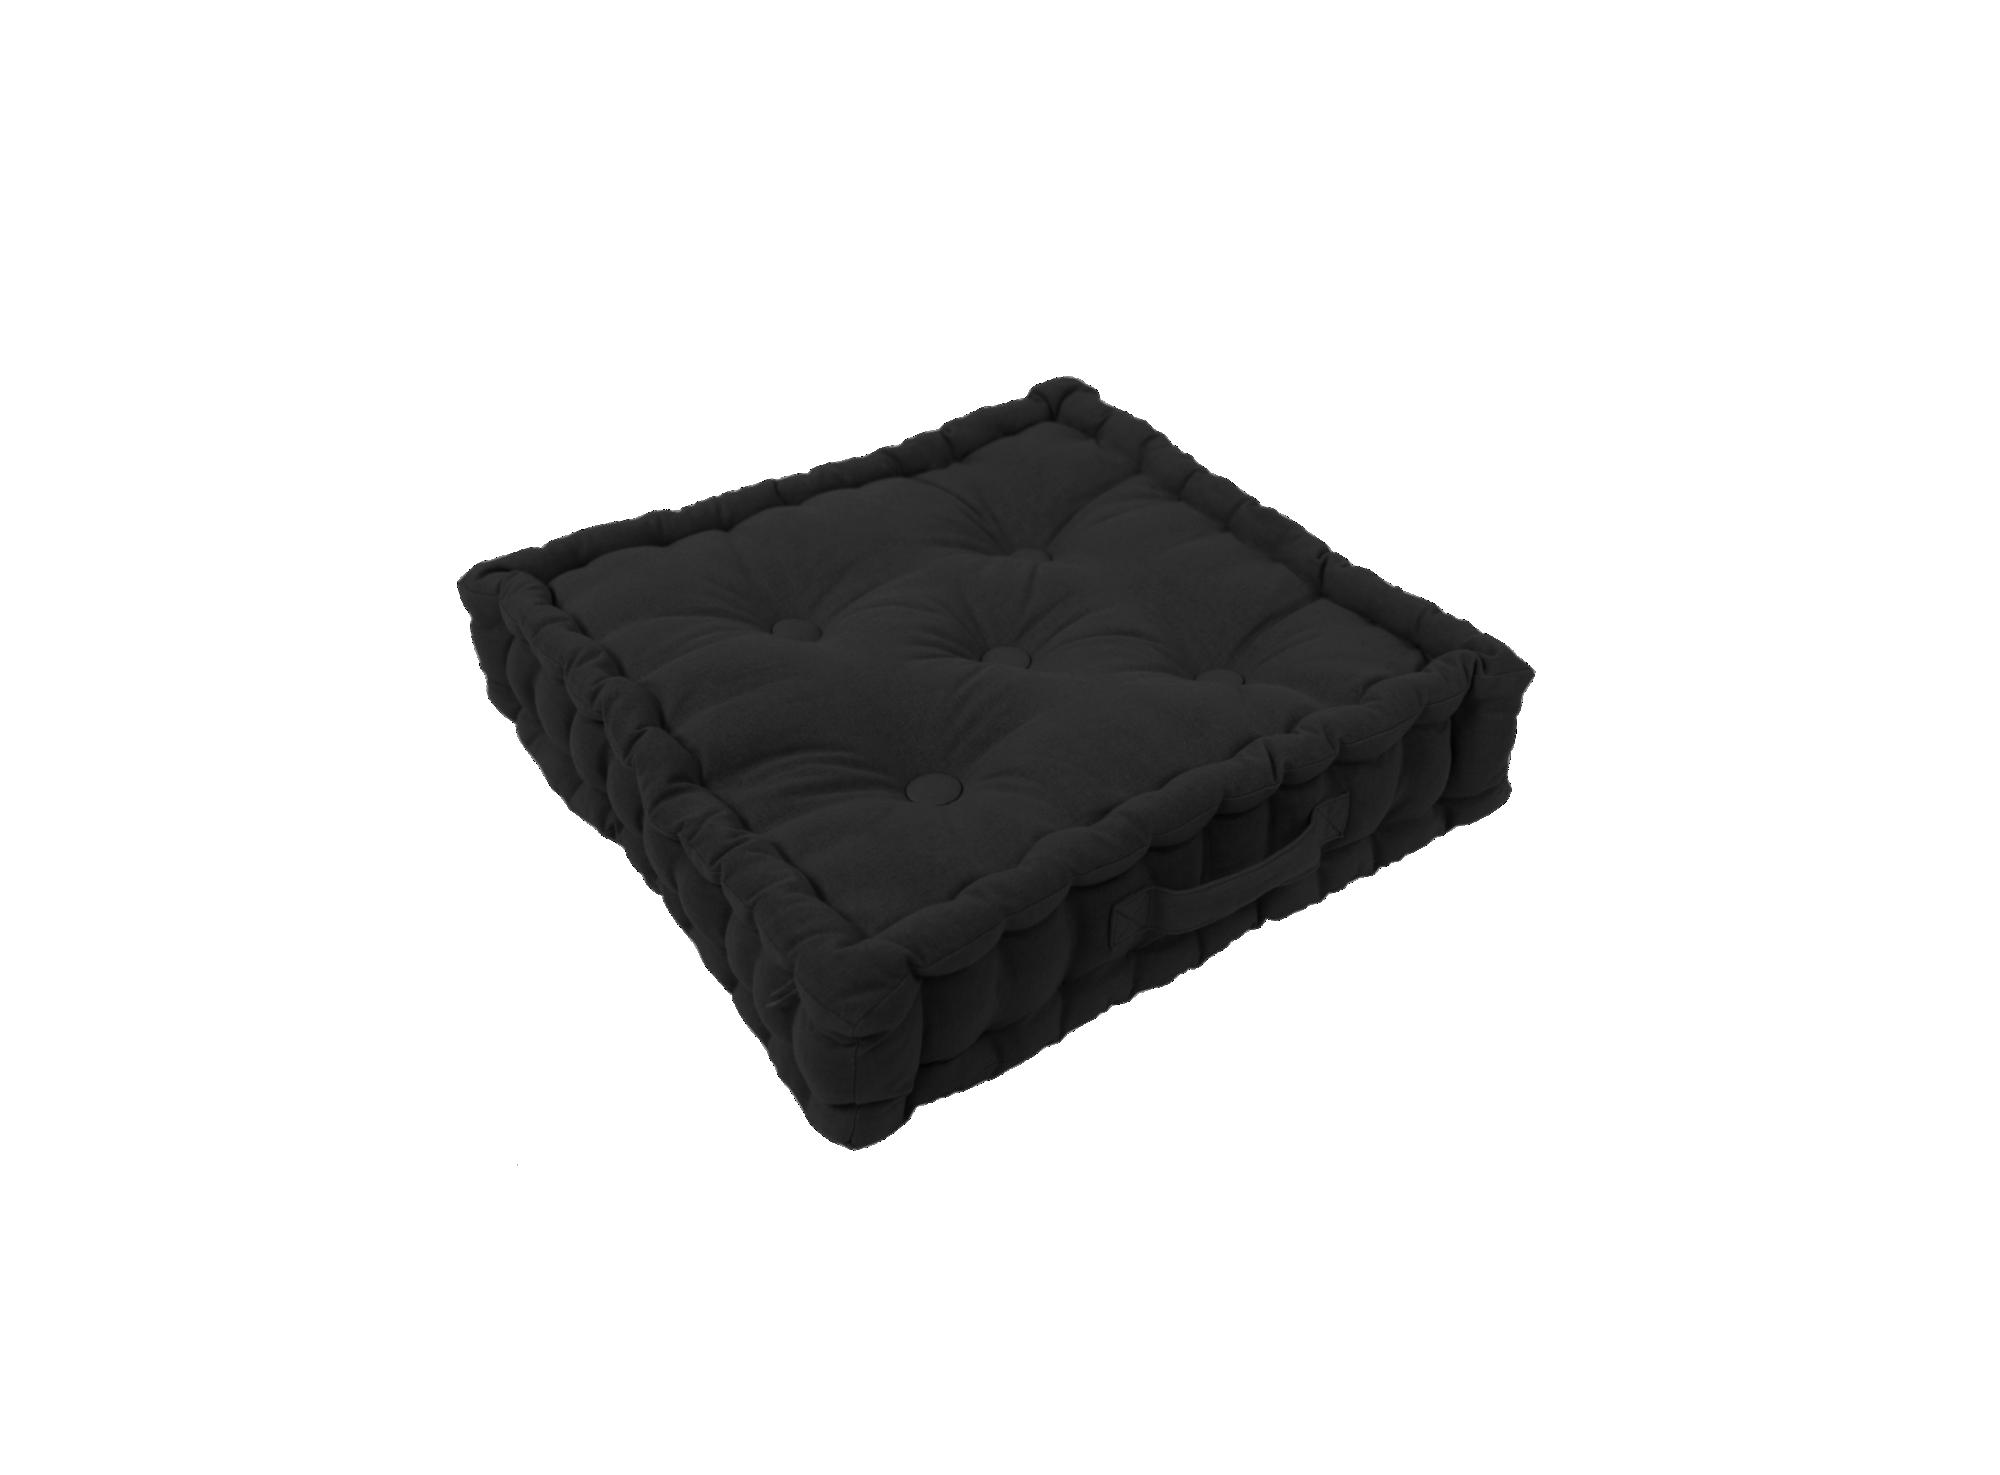 Coussin de sol  revetu 100% coton garni 100% coton coloris noir densi ...